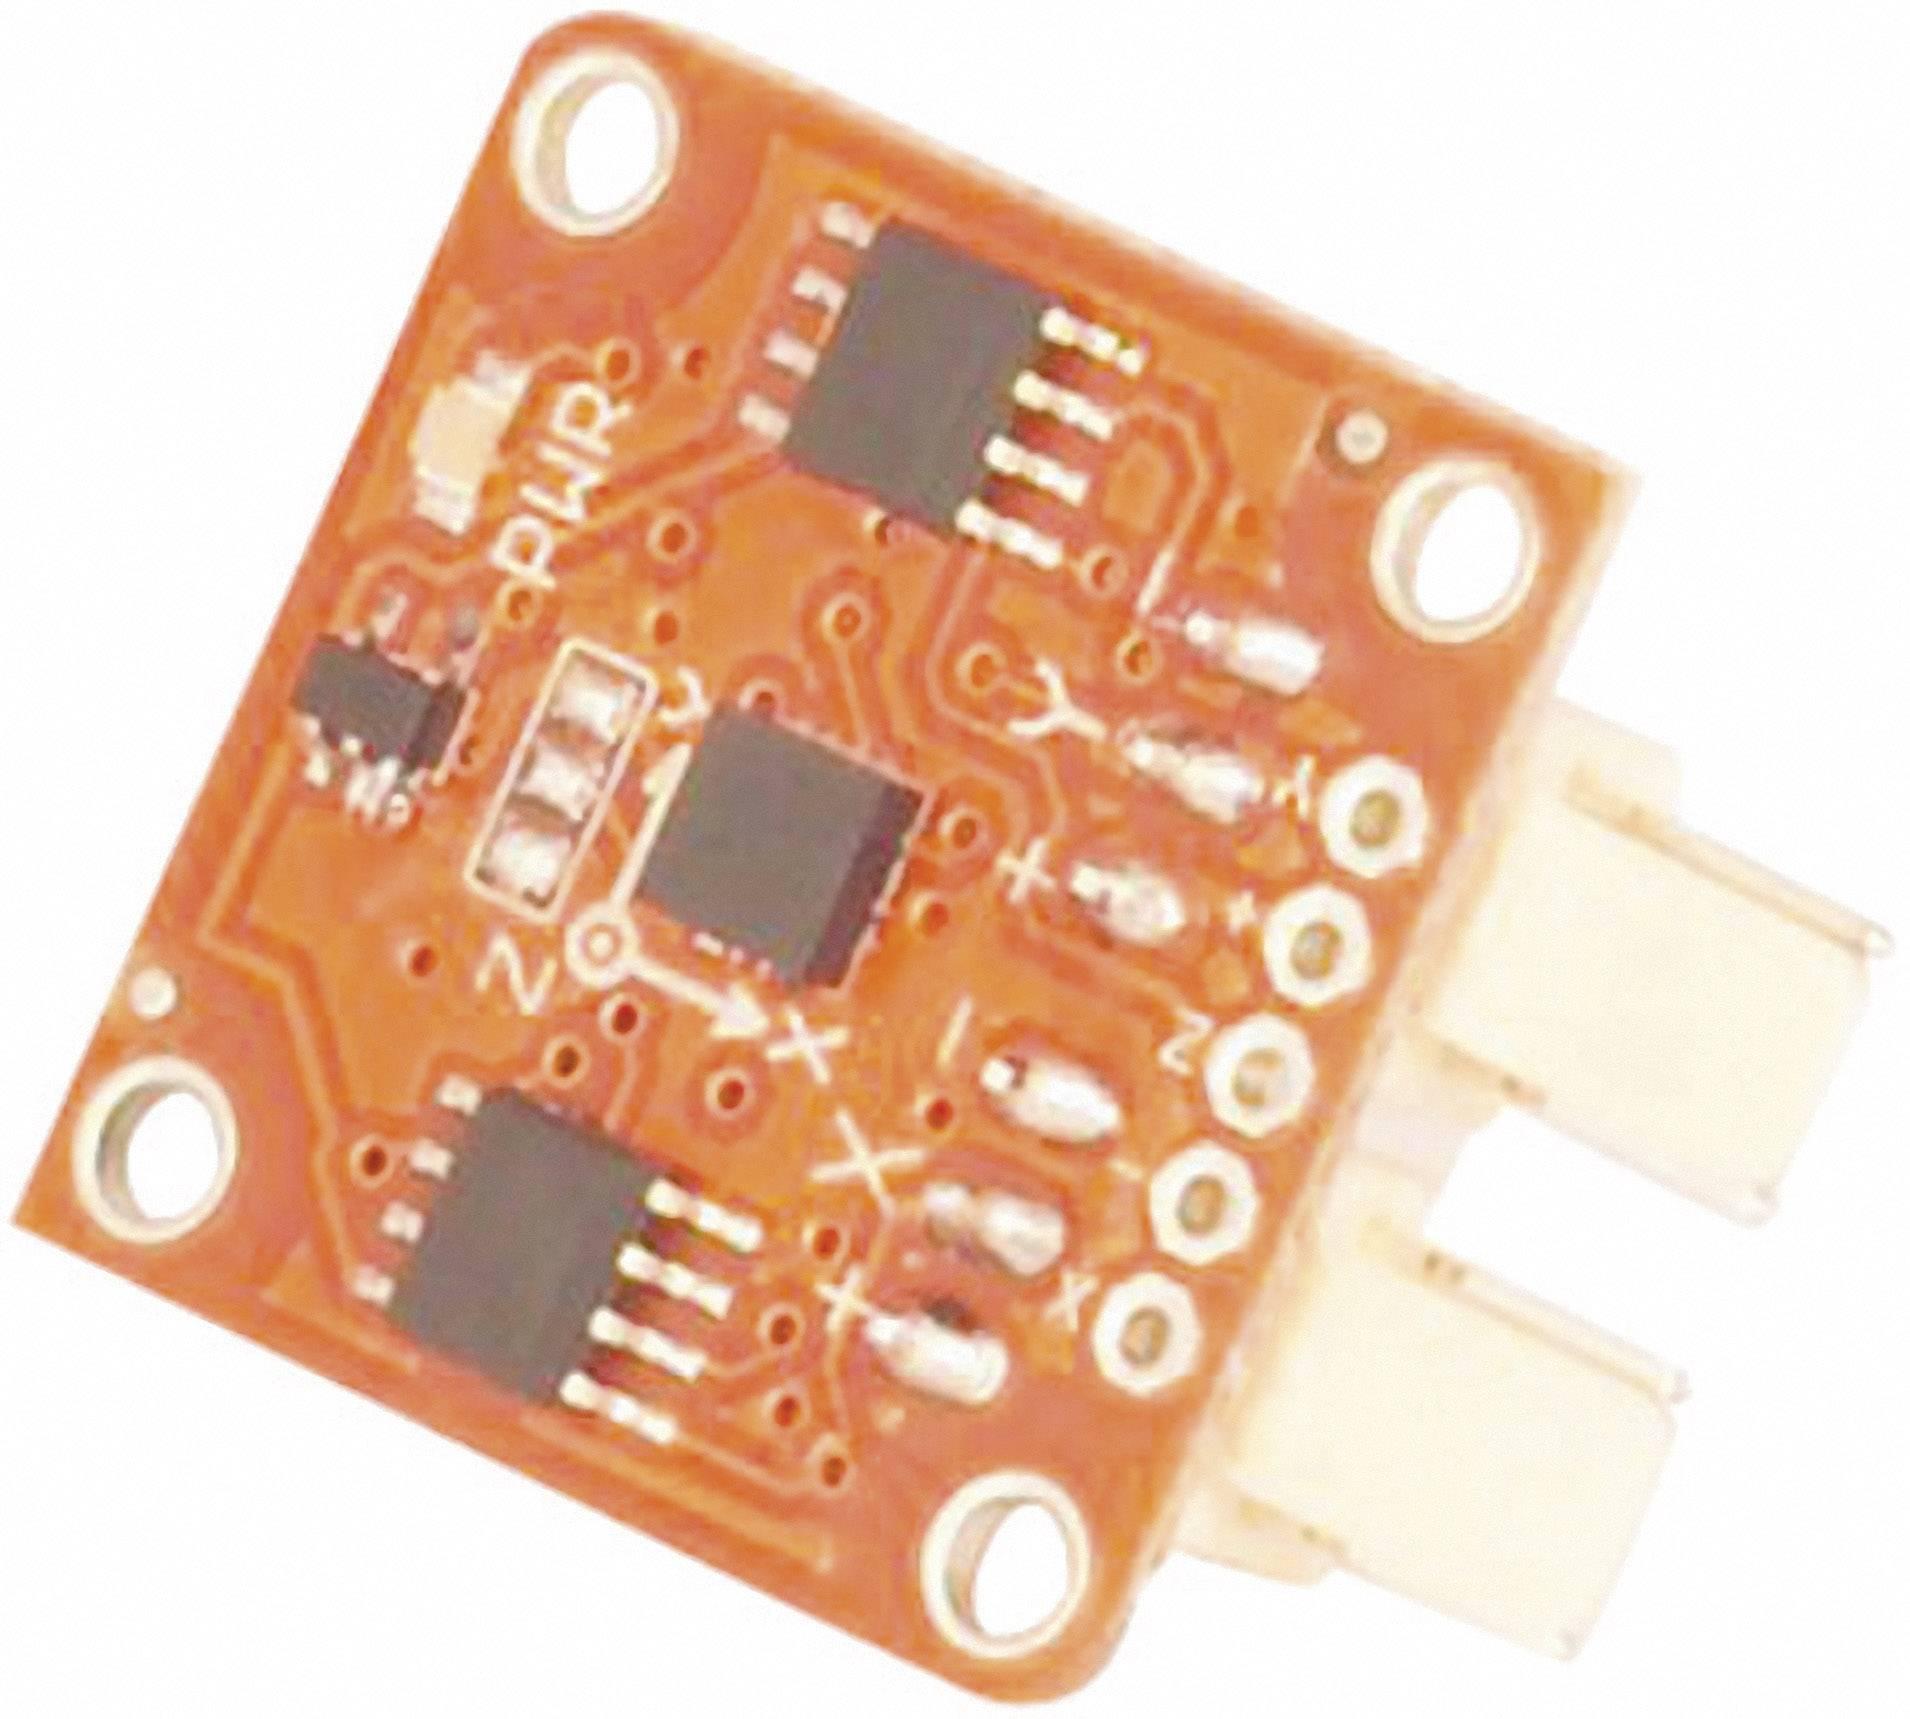 Polohový senzorový modul (akcelometr) Arduino T000020